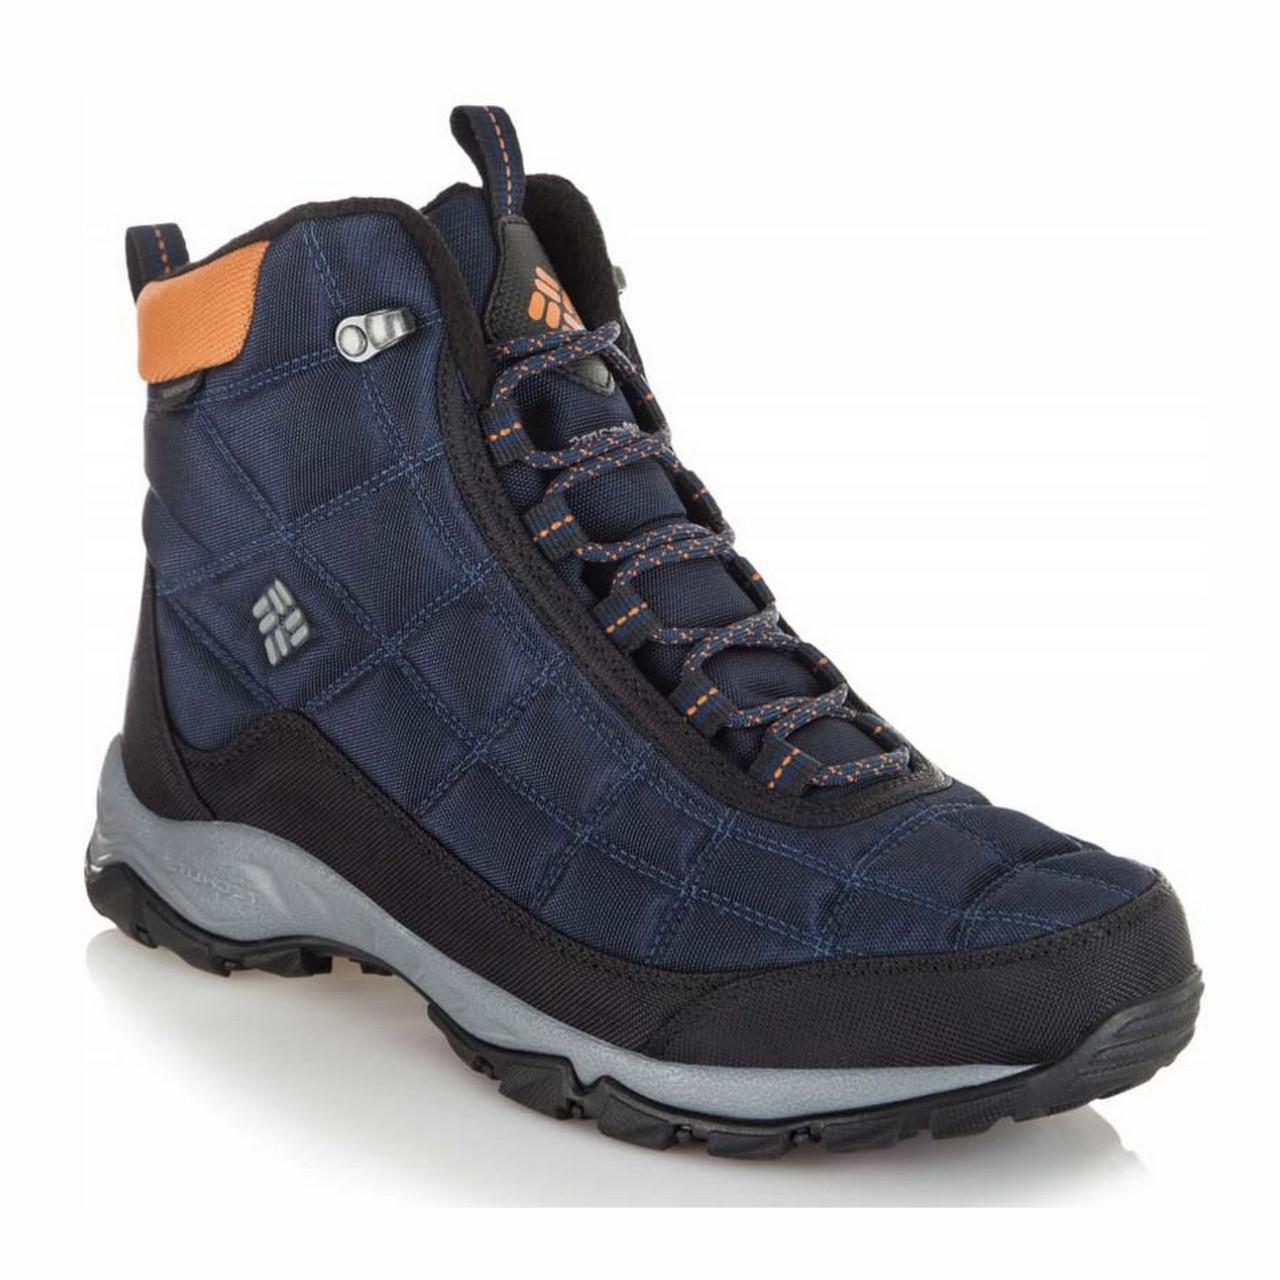 9952d076cef Оригинал! Мужские ботинки Columbia FIRECAMP BOOT BM1766 - 464 (1672881-012)